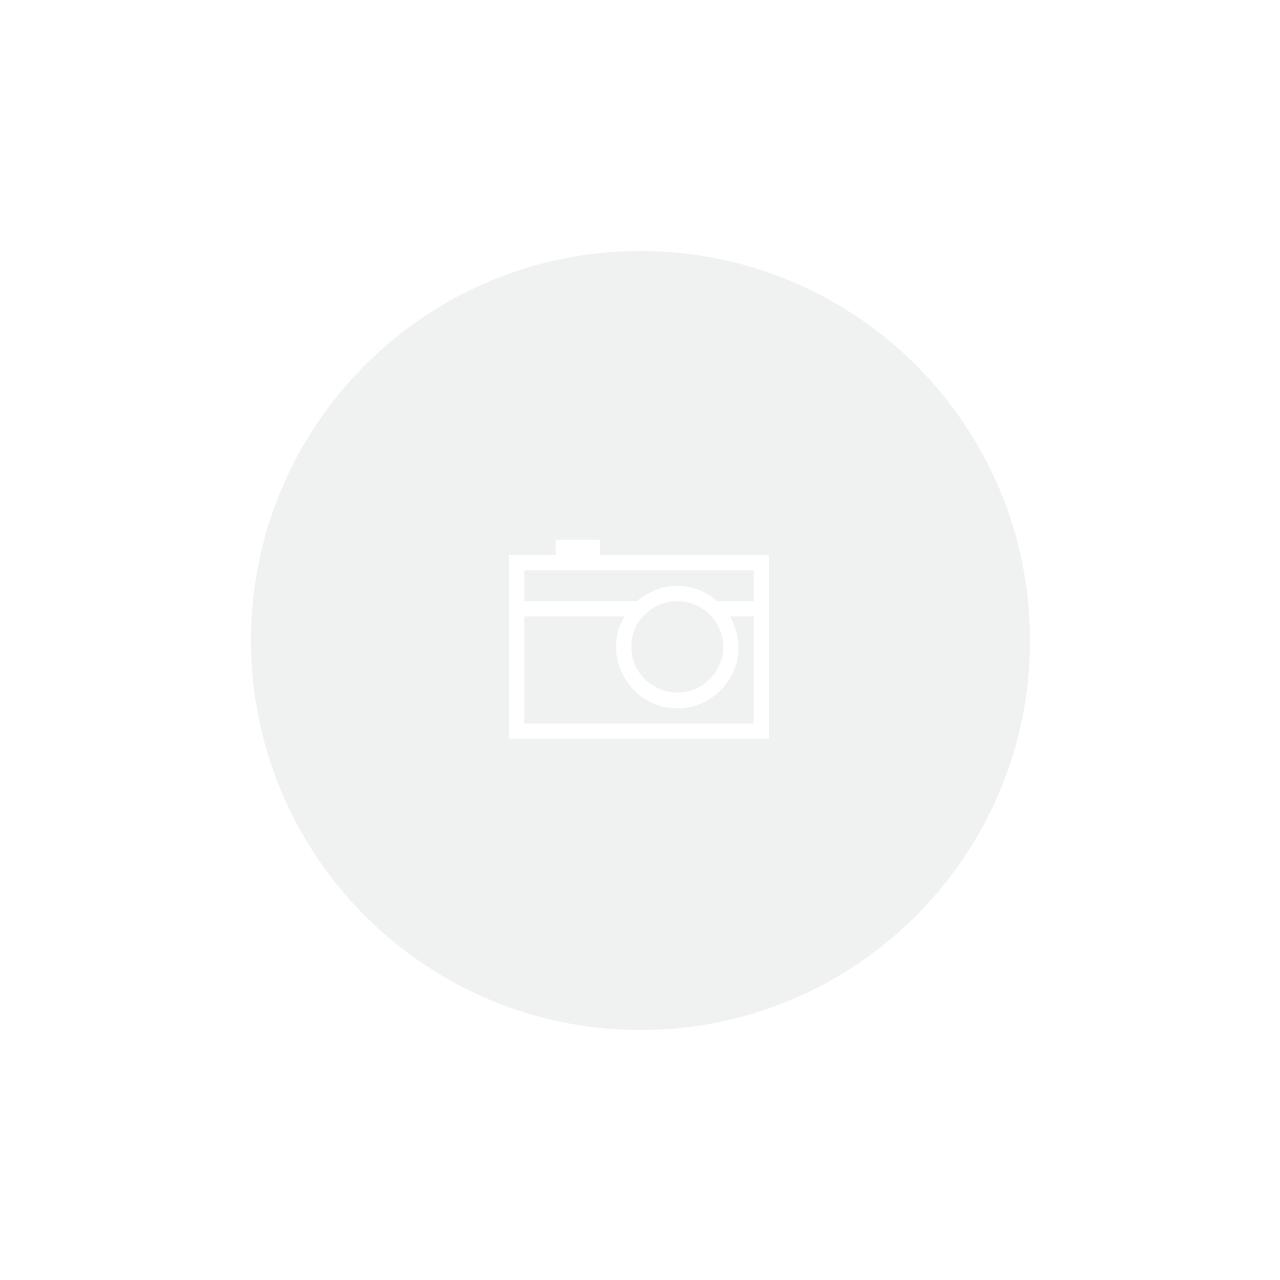 BAGAGEIRO THULE TOUR ALUMÍNIO MODELO (100090)